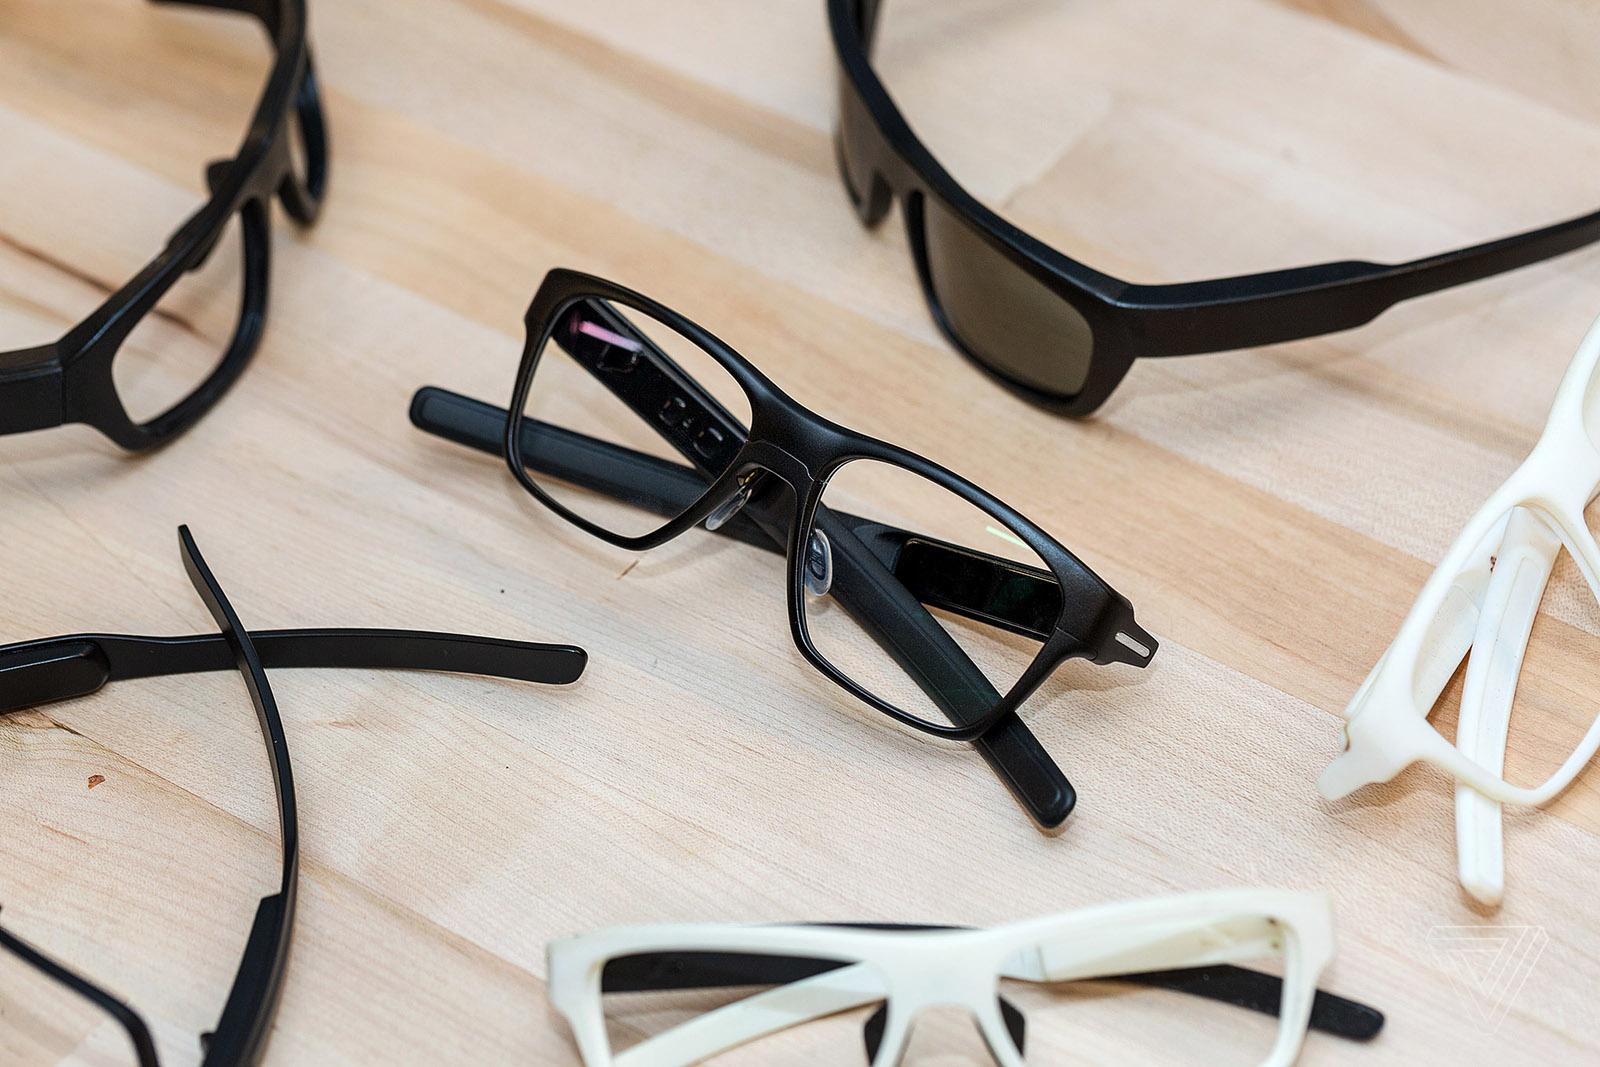 英特尔推出智能眼镜 外媒:看起来非常一般